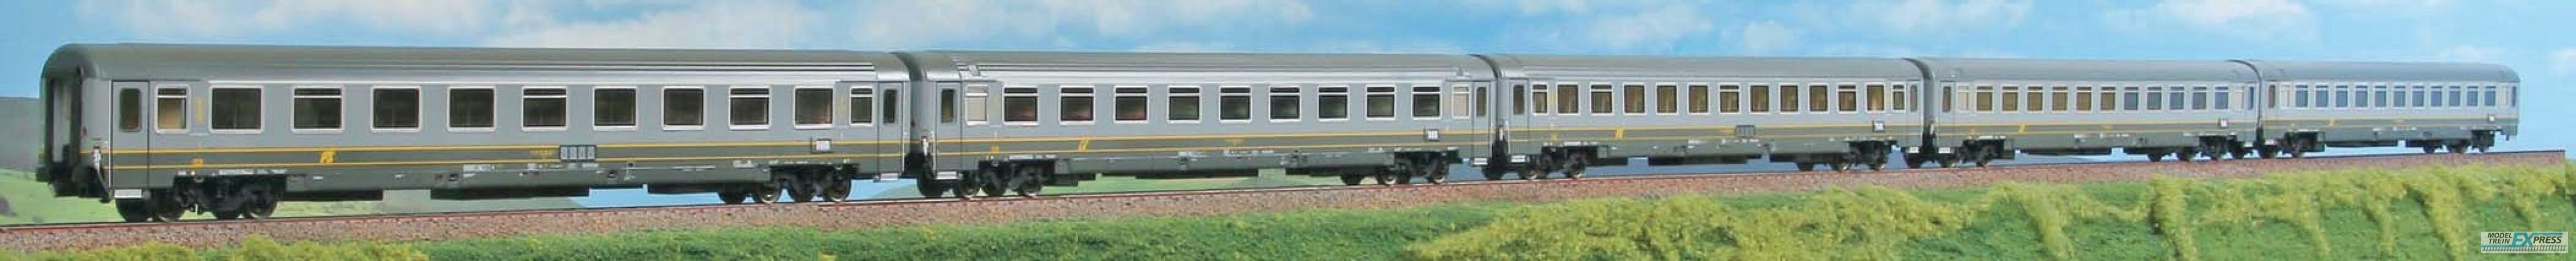 ACME 55219